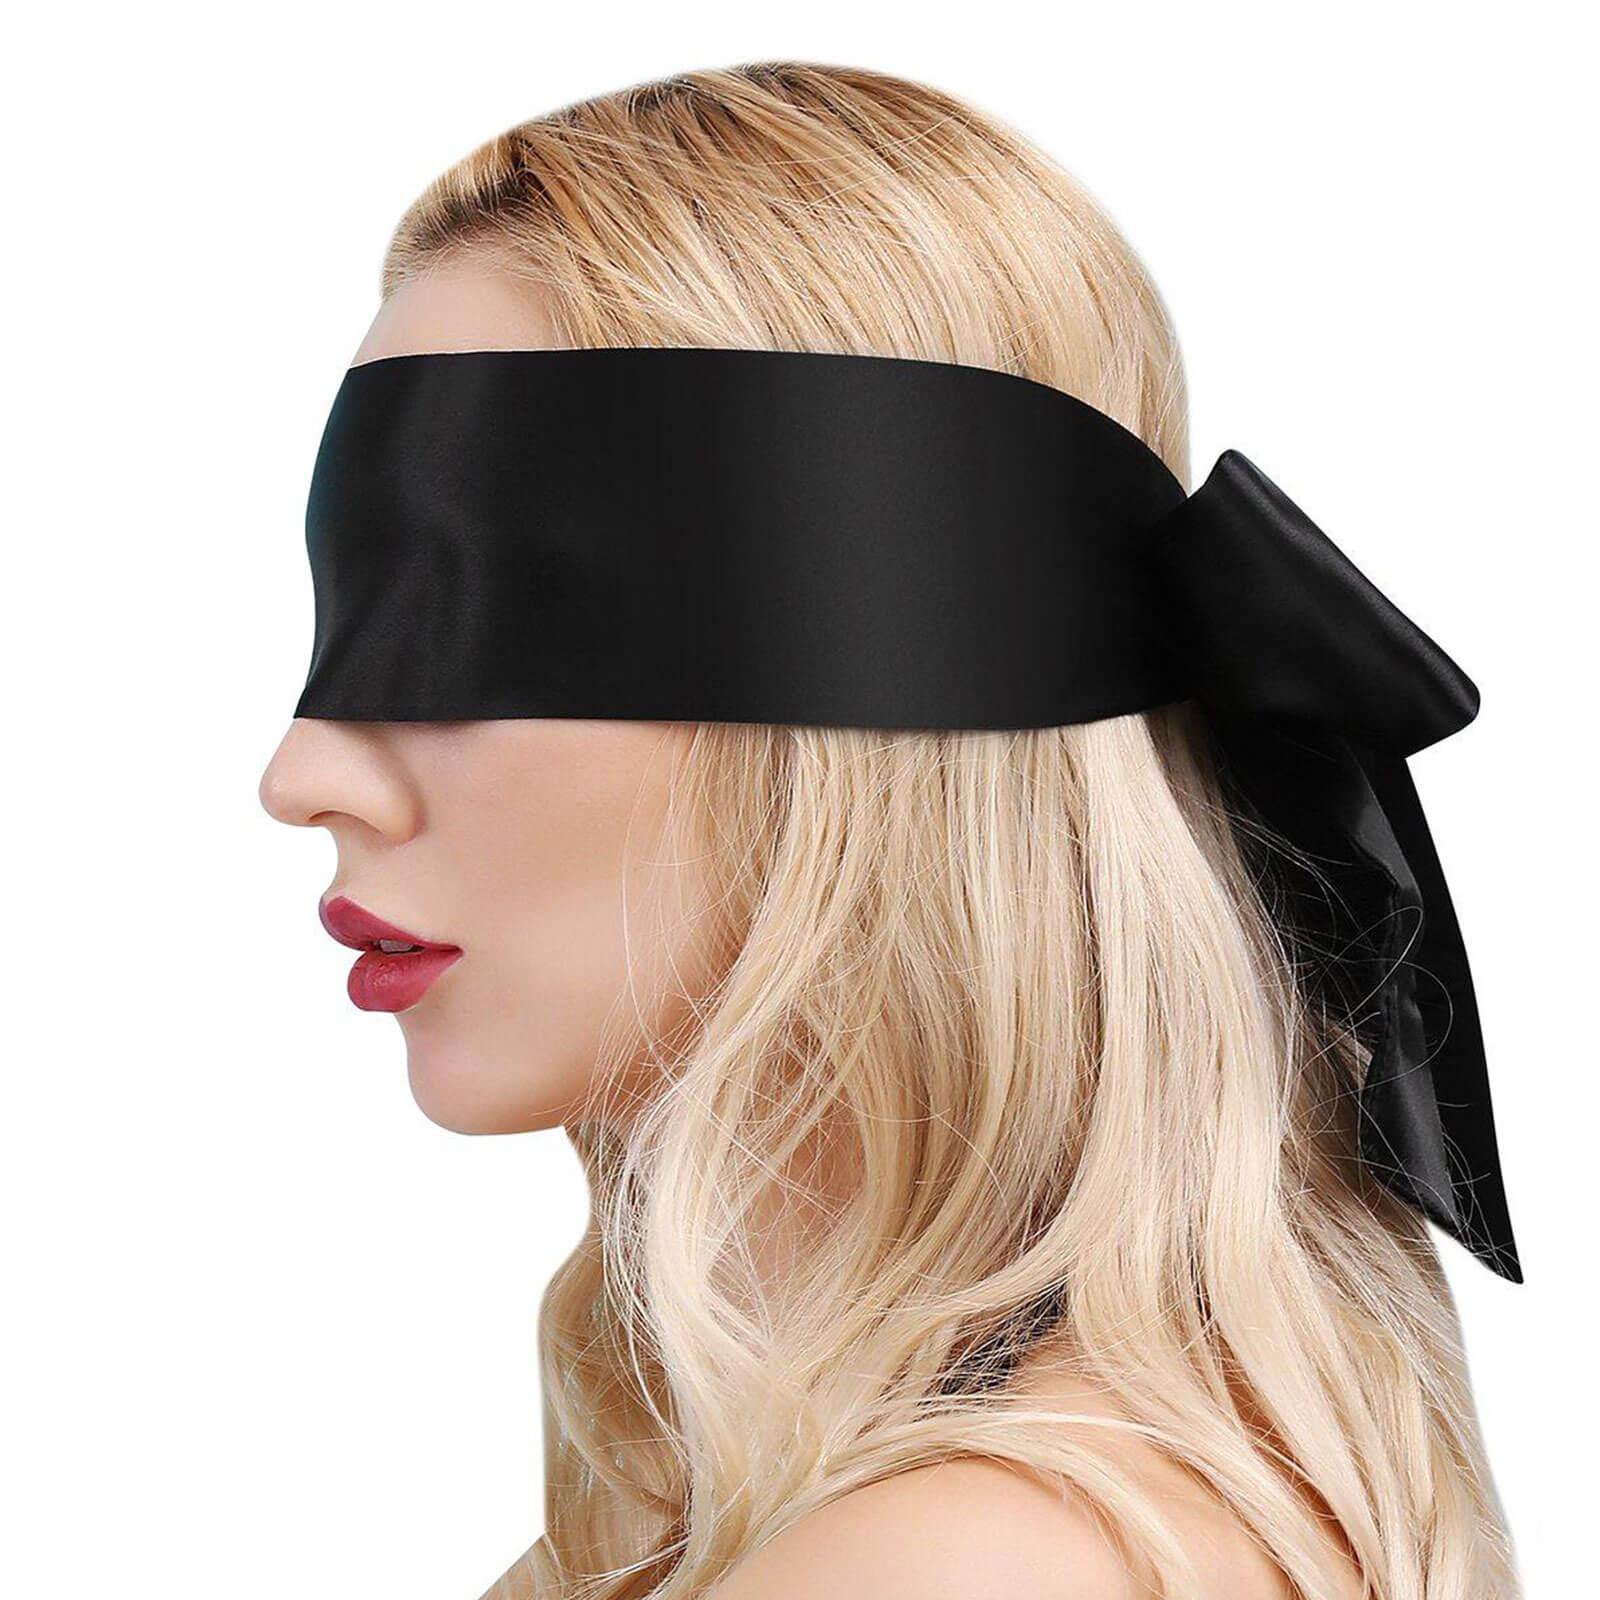 Hitinight Sex Fetish Blindfold